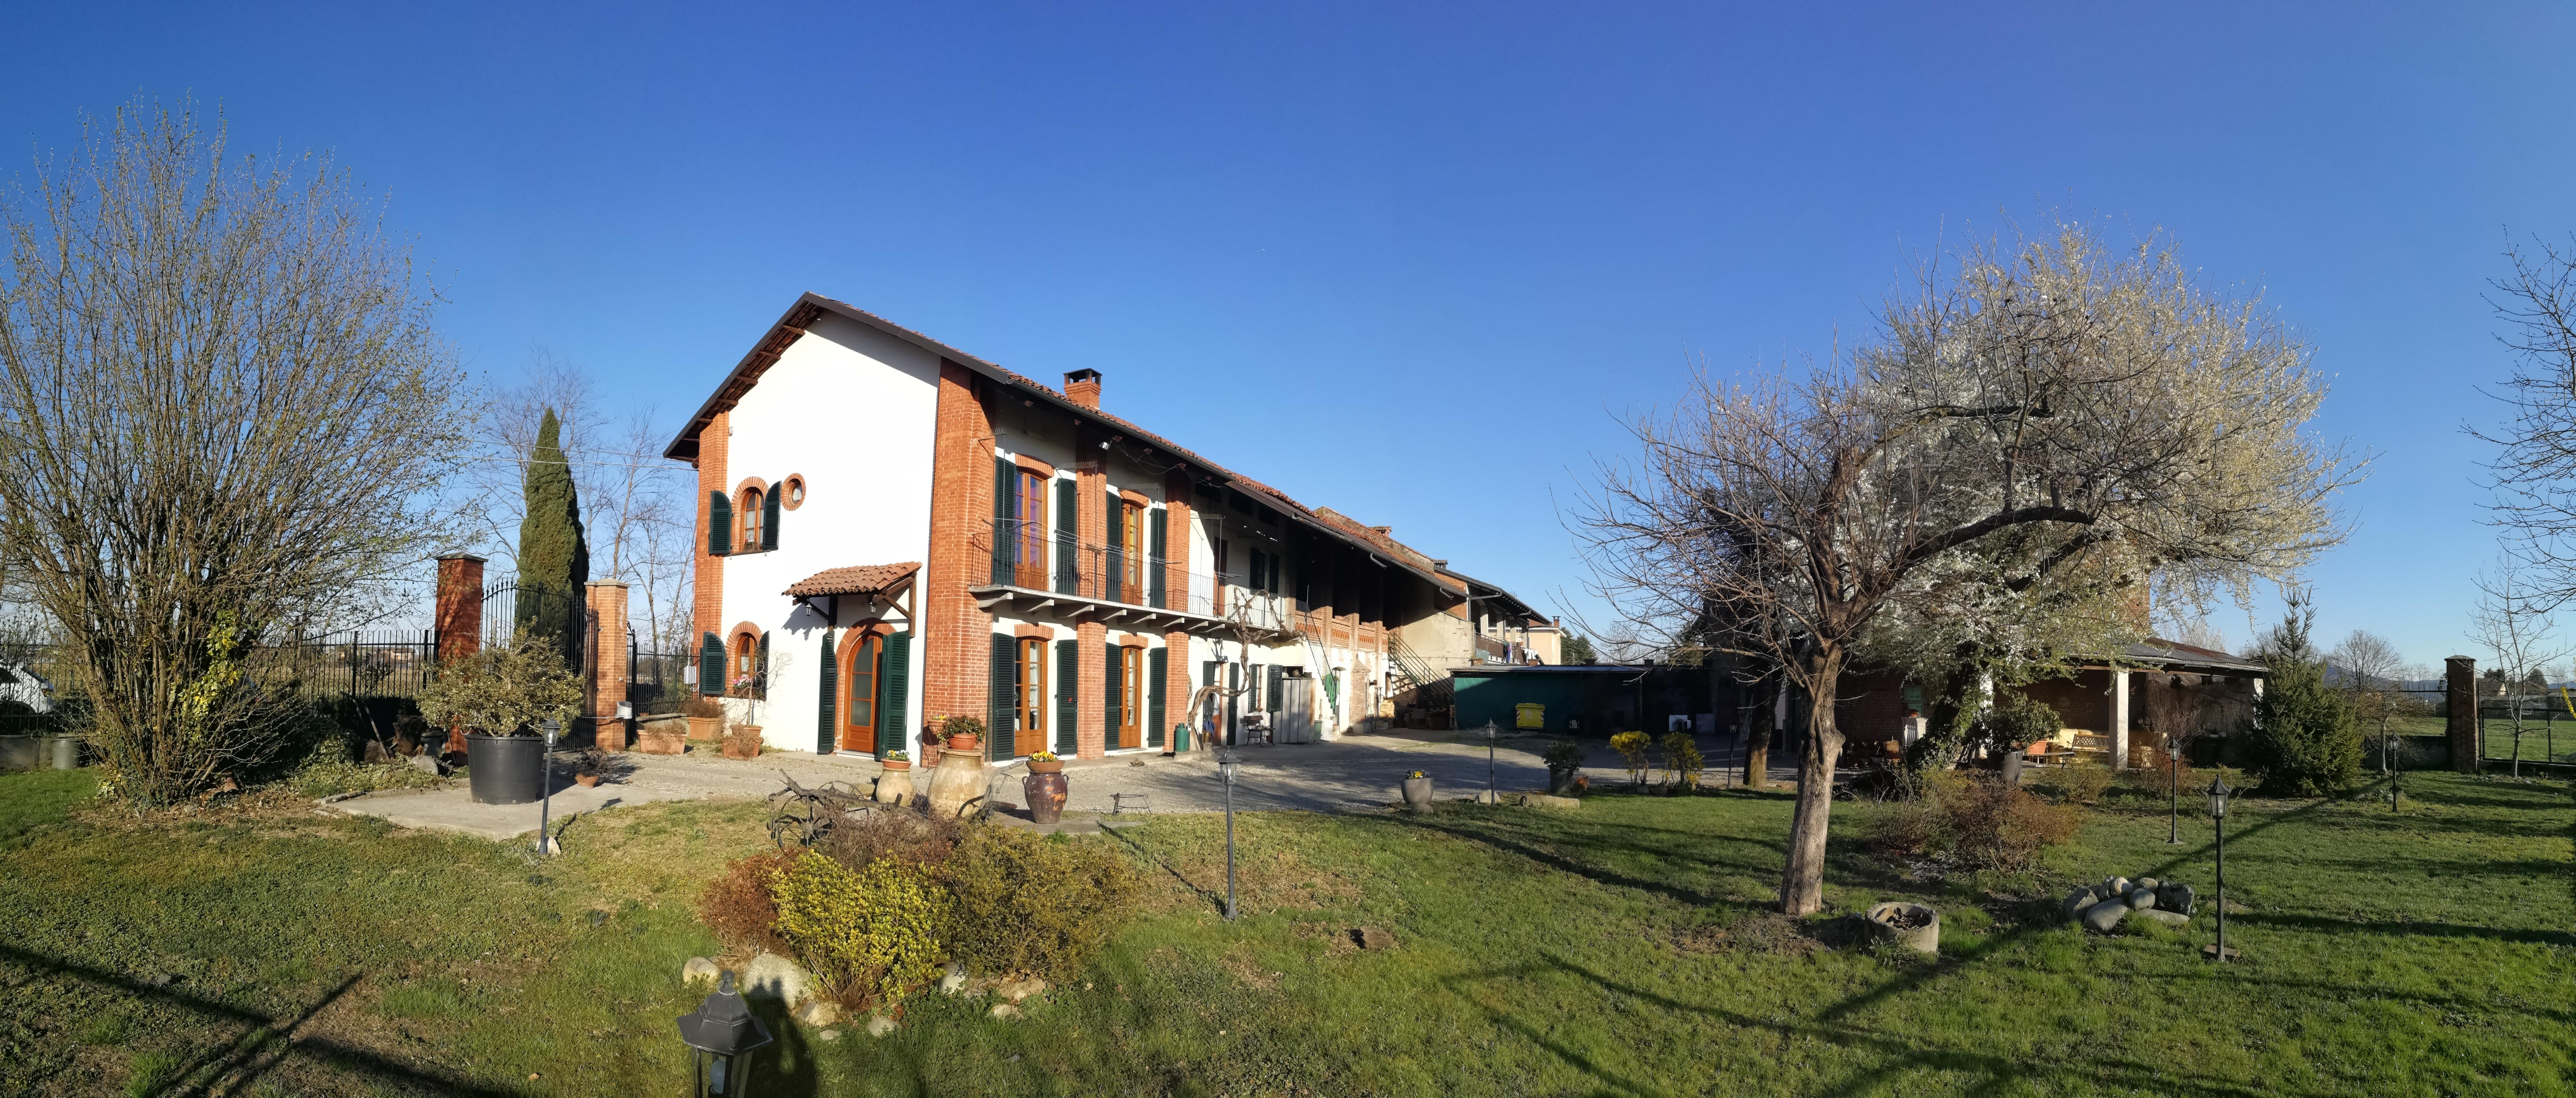 Leinì. Ampio cascinale con tettoie e cortile € 389.000